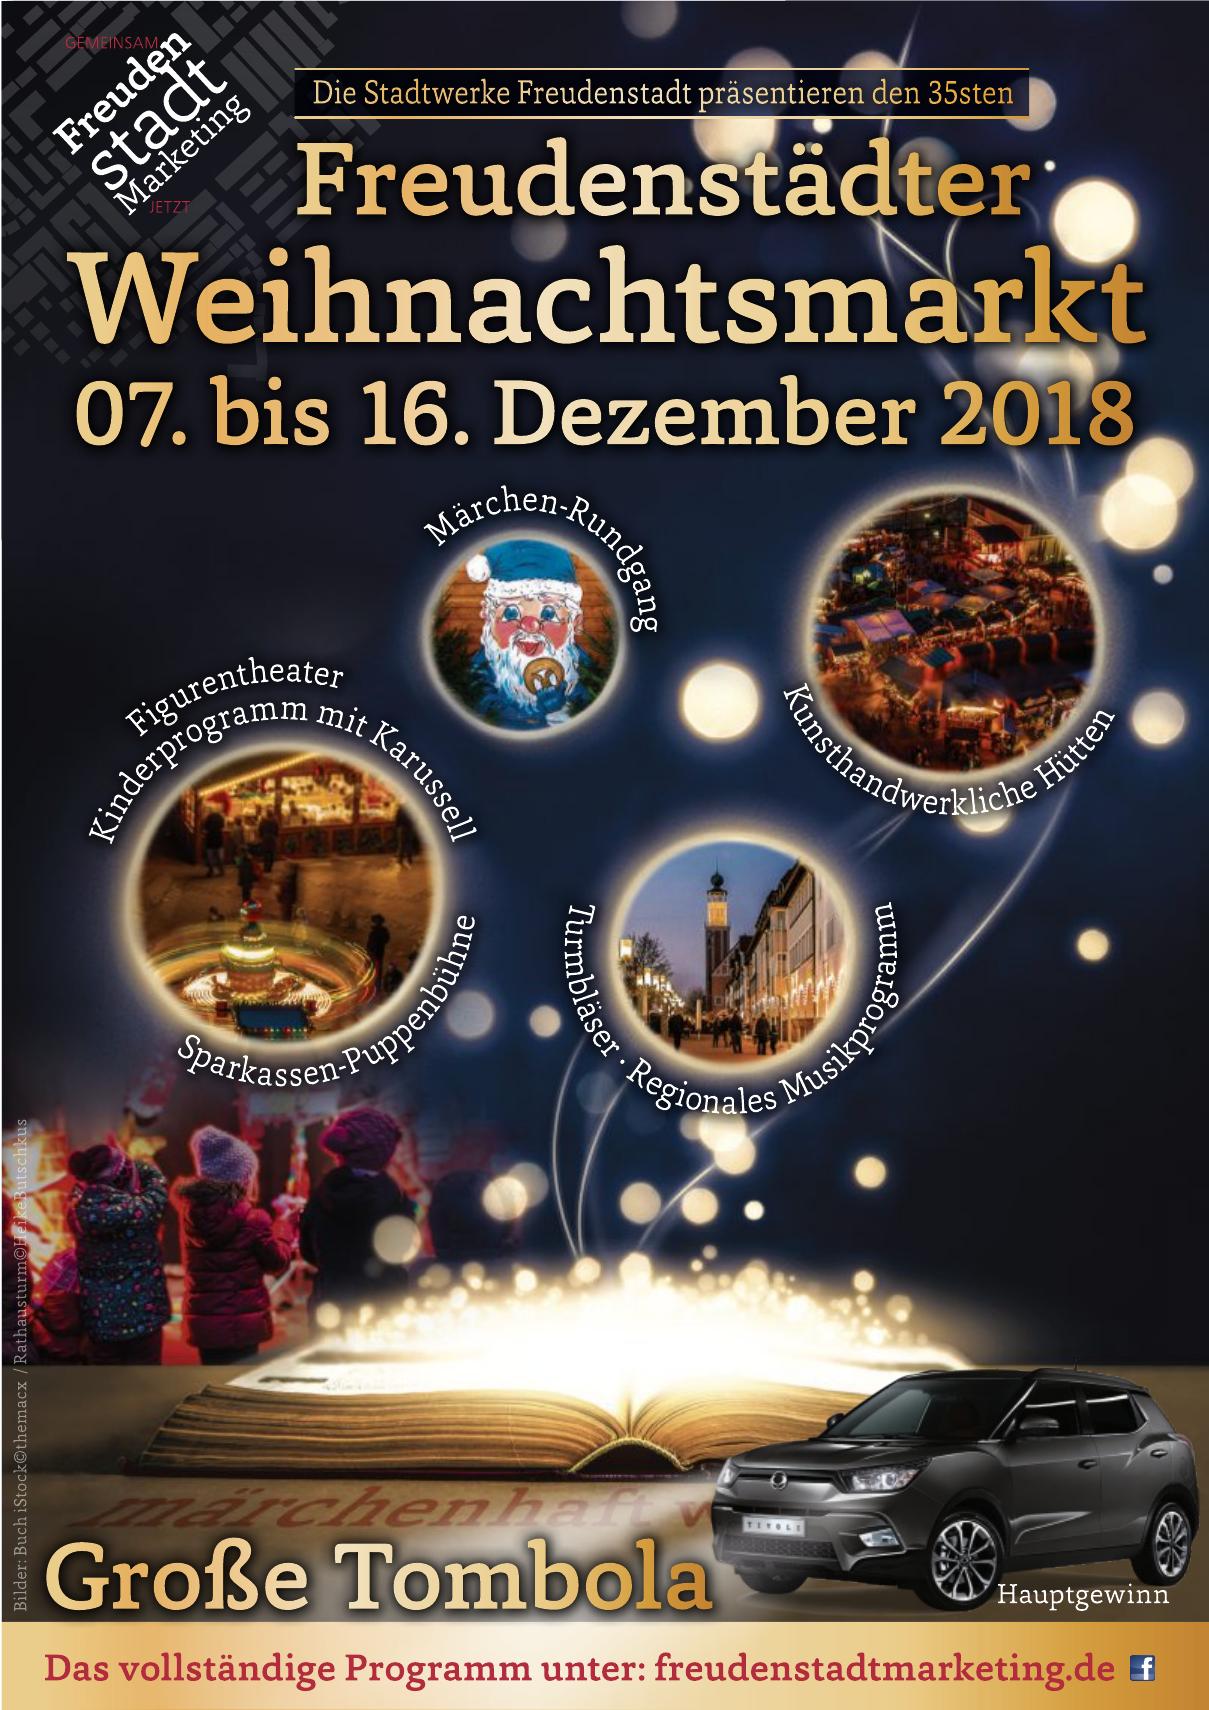 Freudenstädter Weihnachtsmarkt